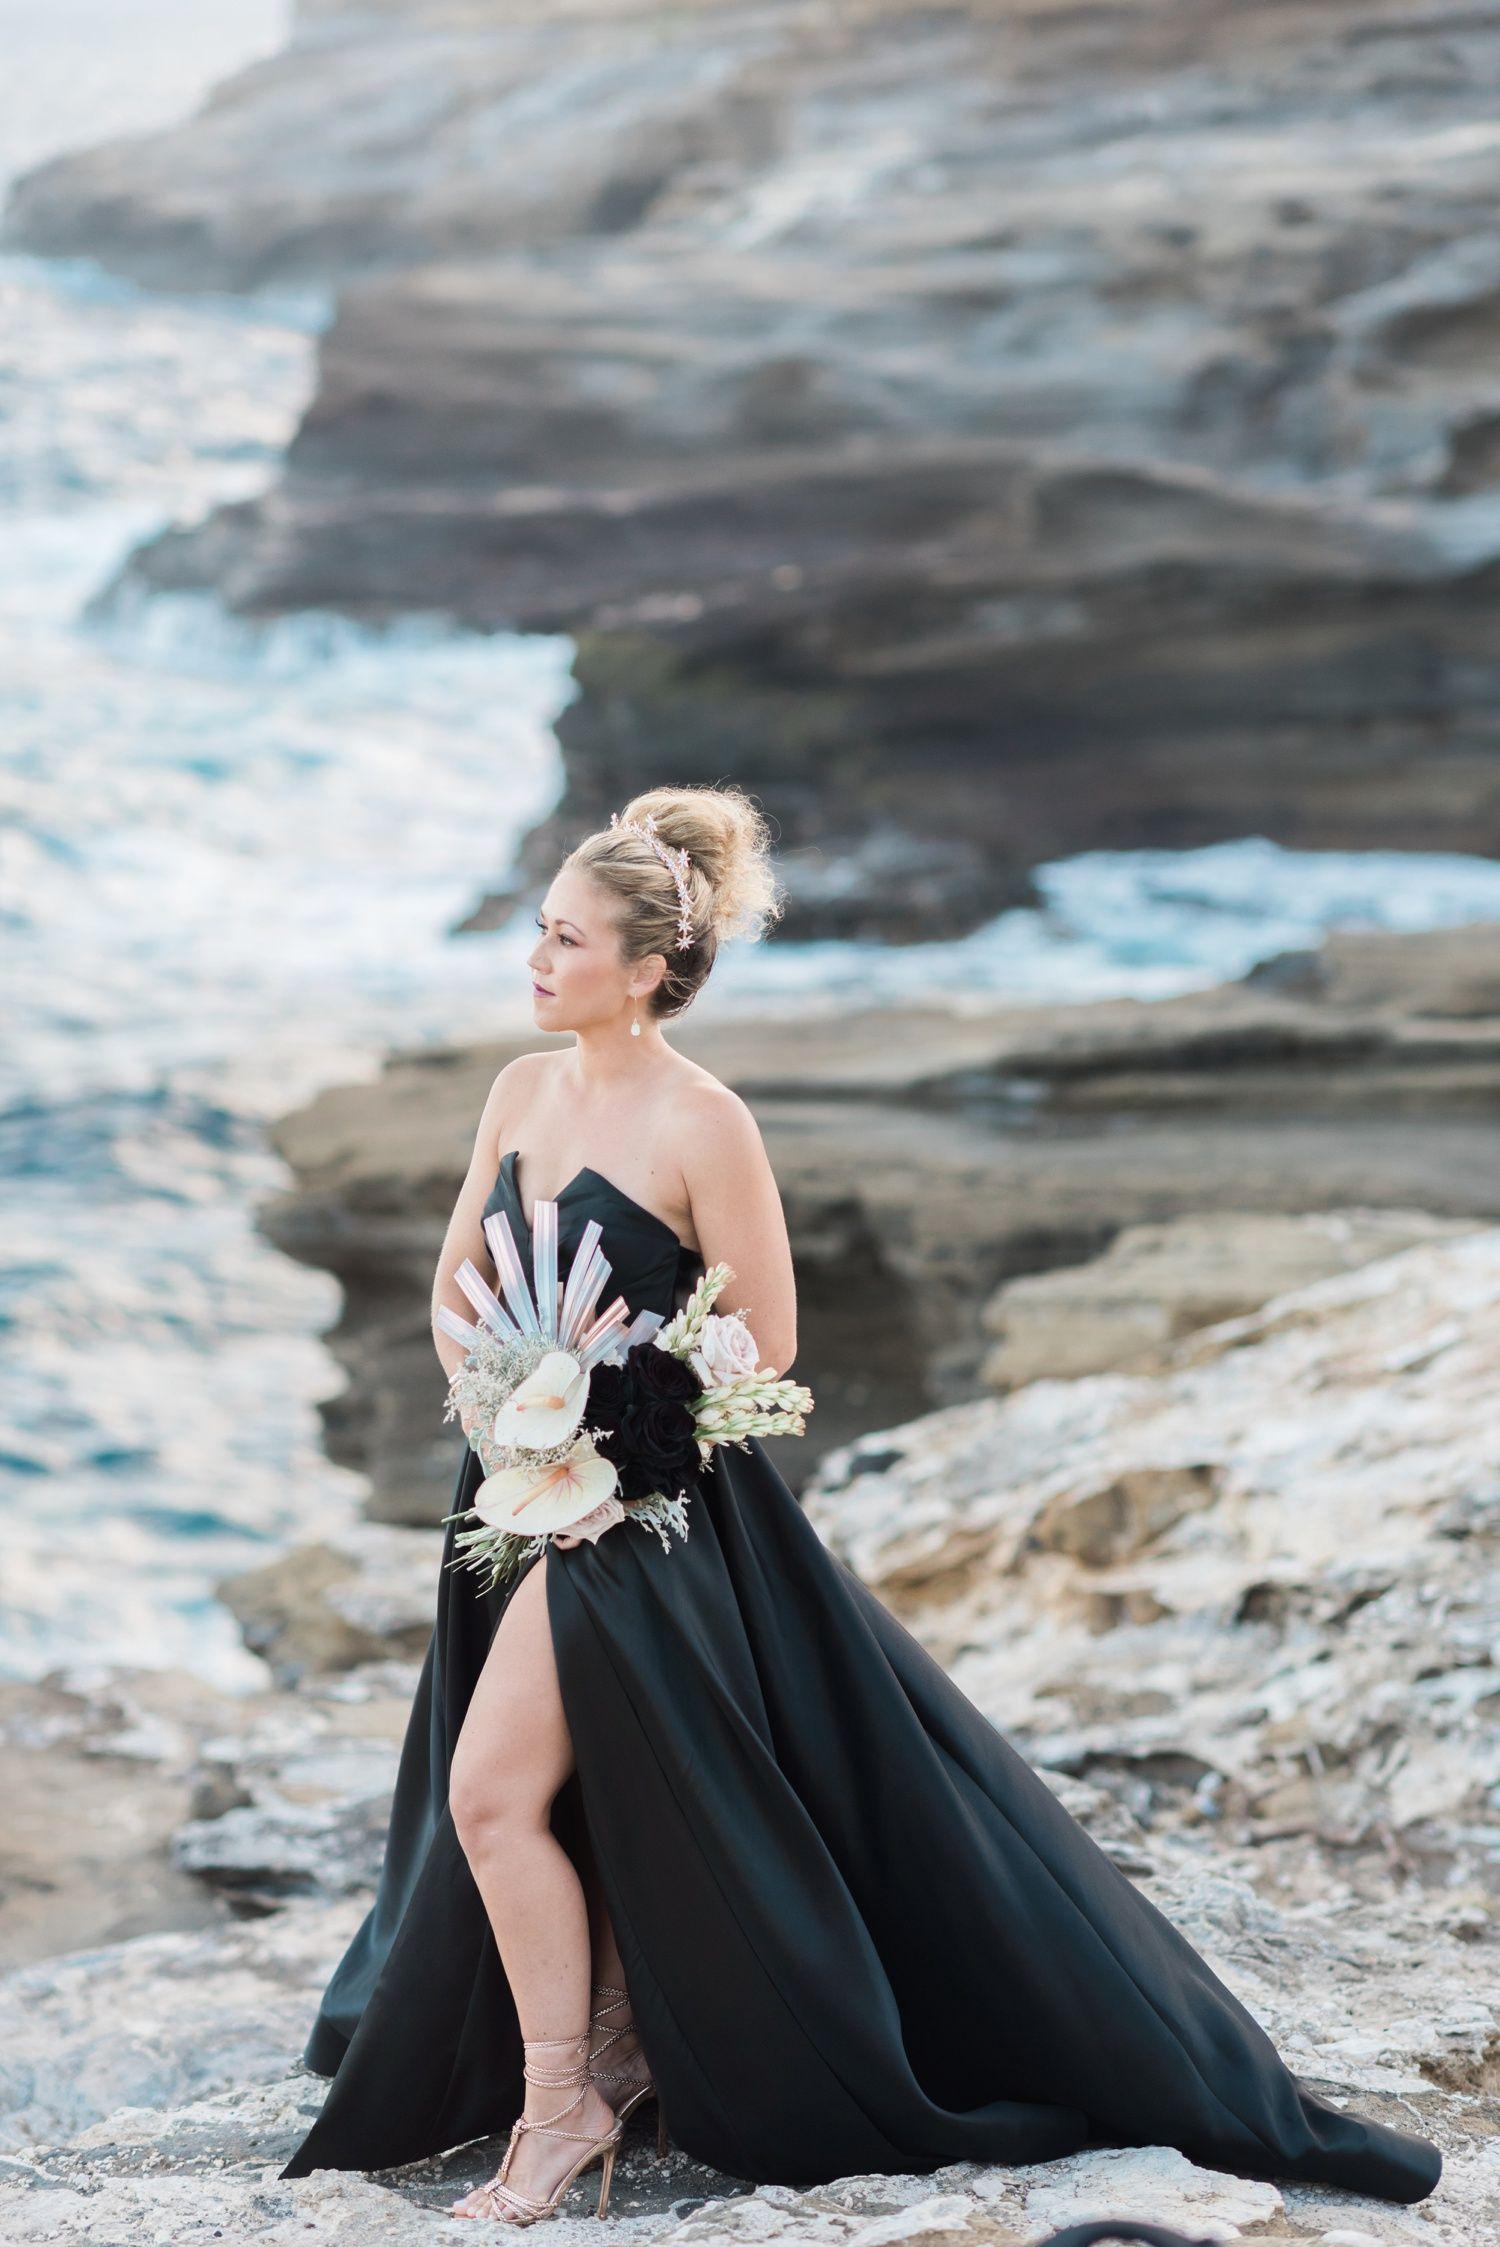 Star Wars Wedding With Rey Kylo Star Wars Wedding Dress Star Wars Wedding Black Wedding Dresses [ 2247 x 1500 Pixel ]